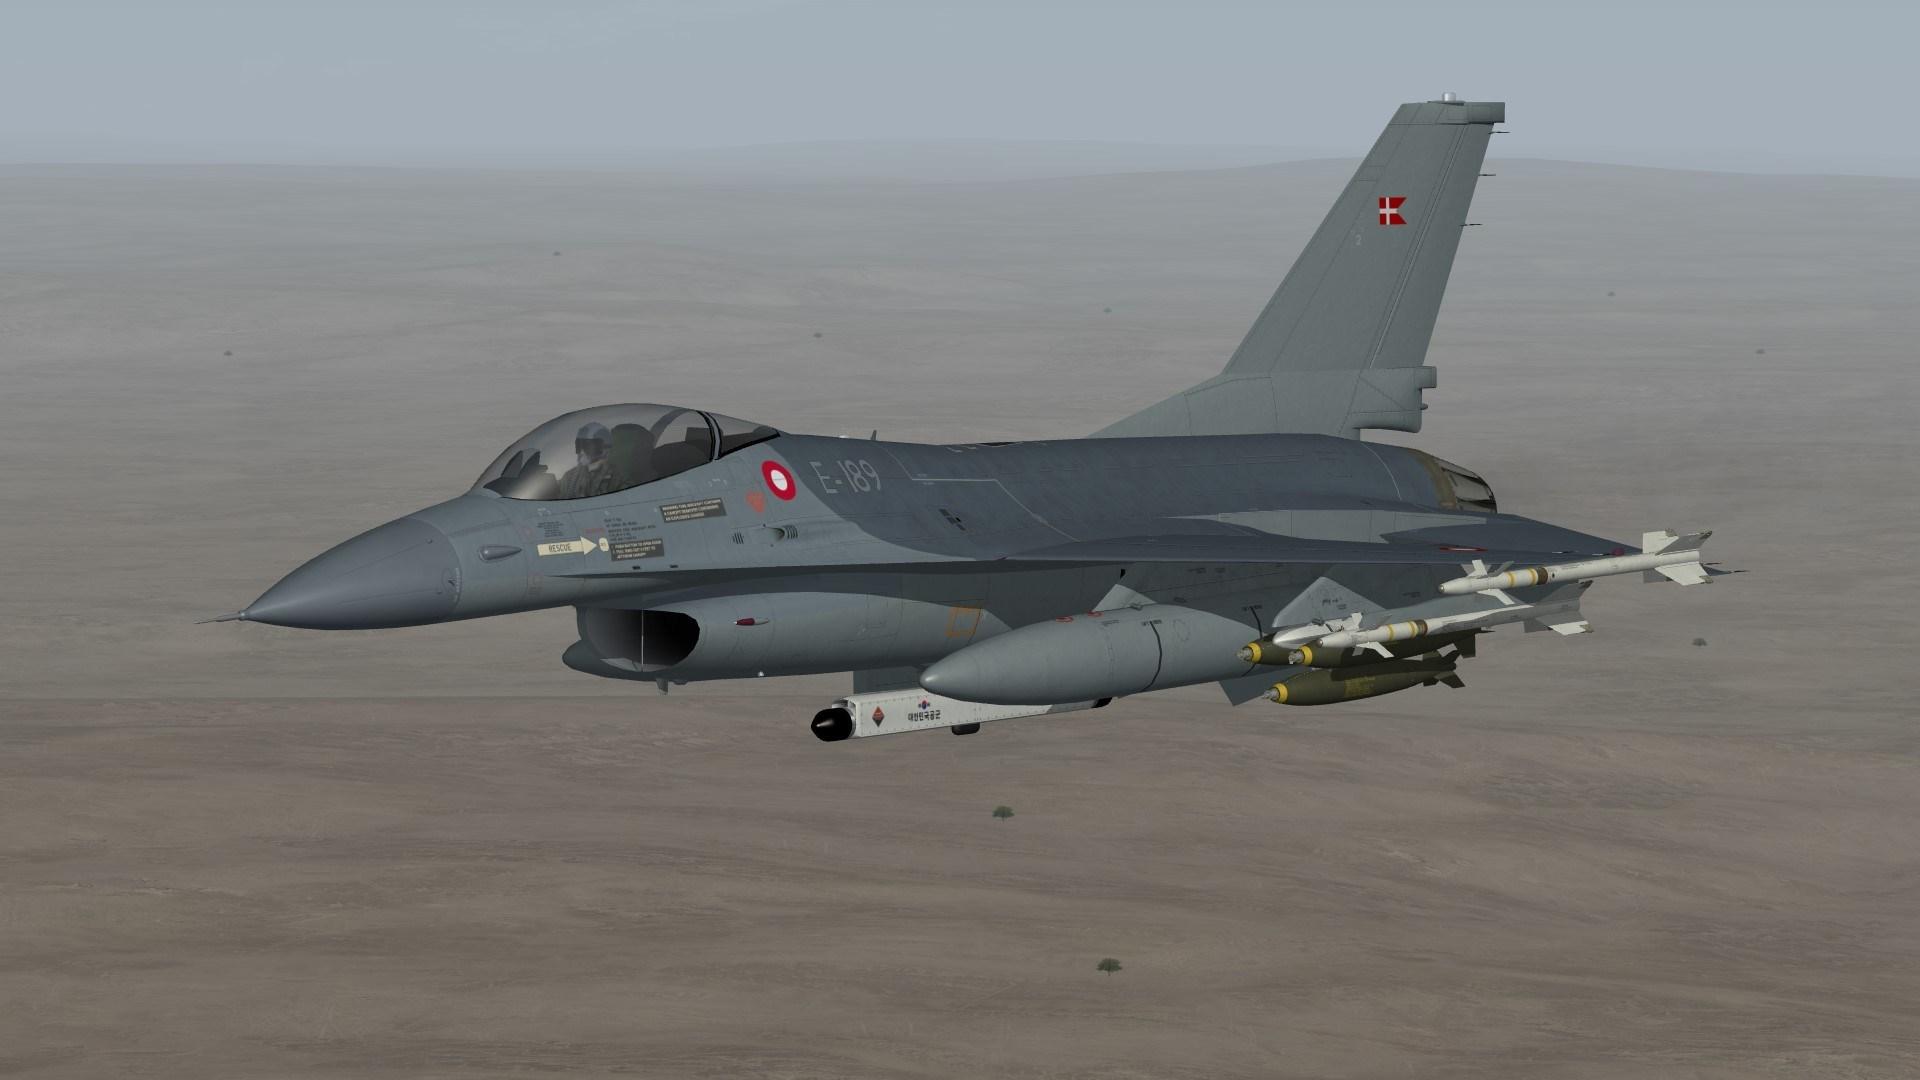 F-16A Blk 10